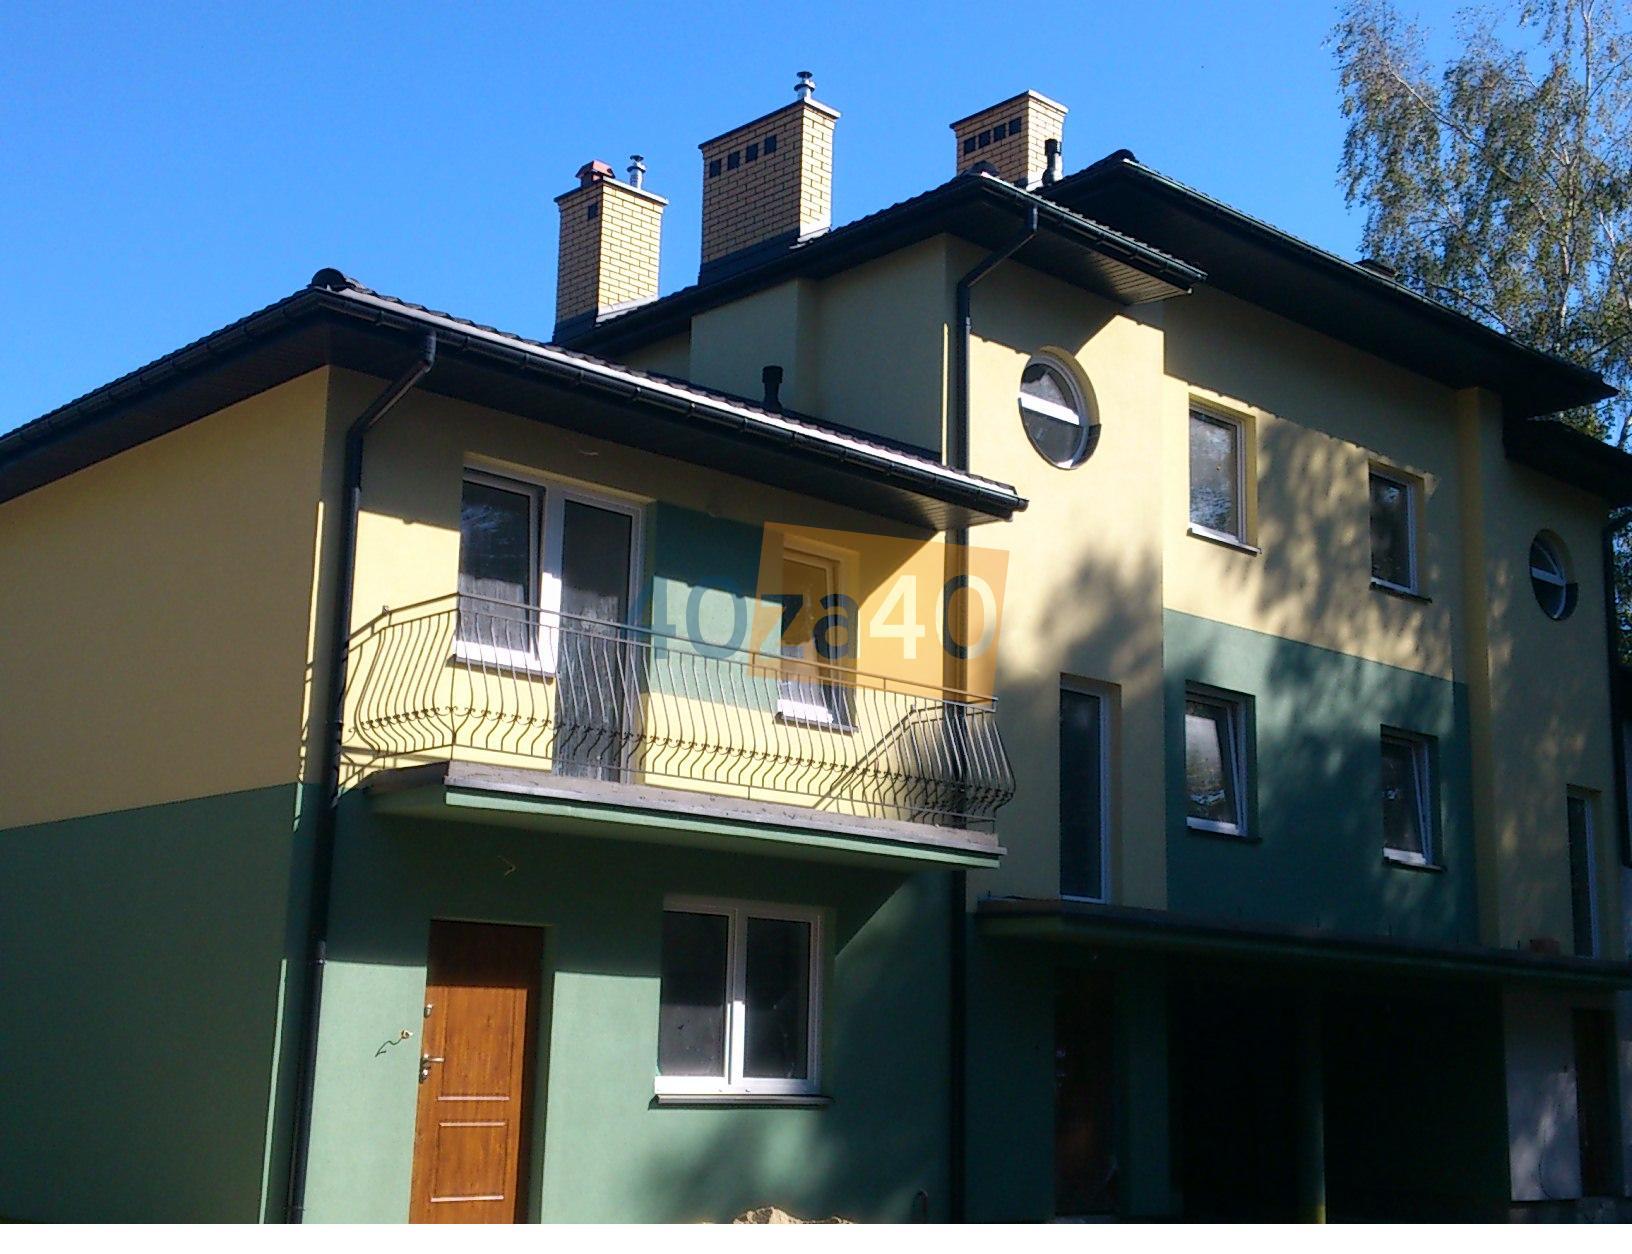 Mieszkanie na sprzedaż, pokoje: 3, cena: 260 000,00 PLN, Kobyłka, kontakt: PL +48 602 275 041